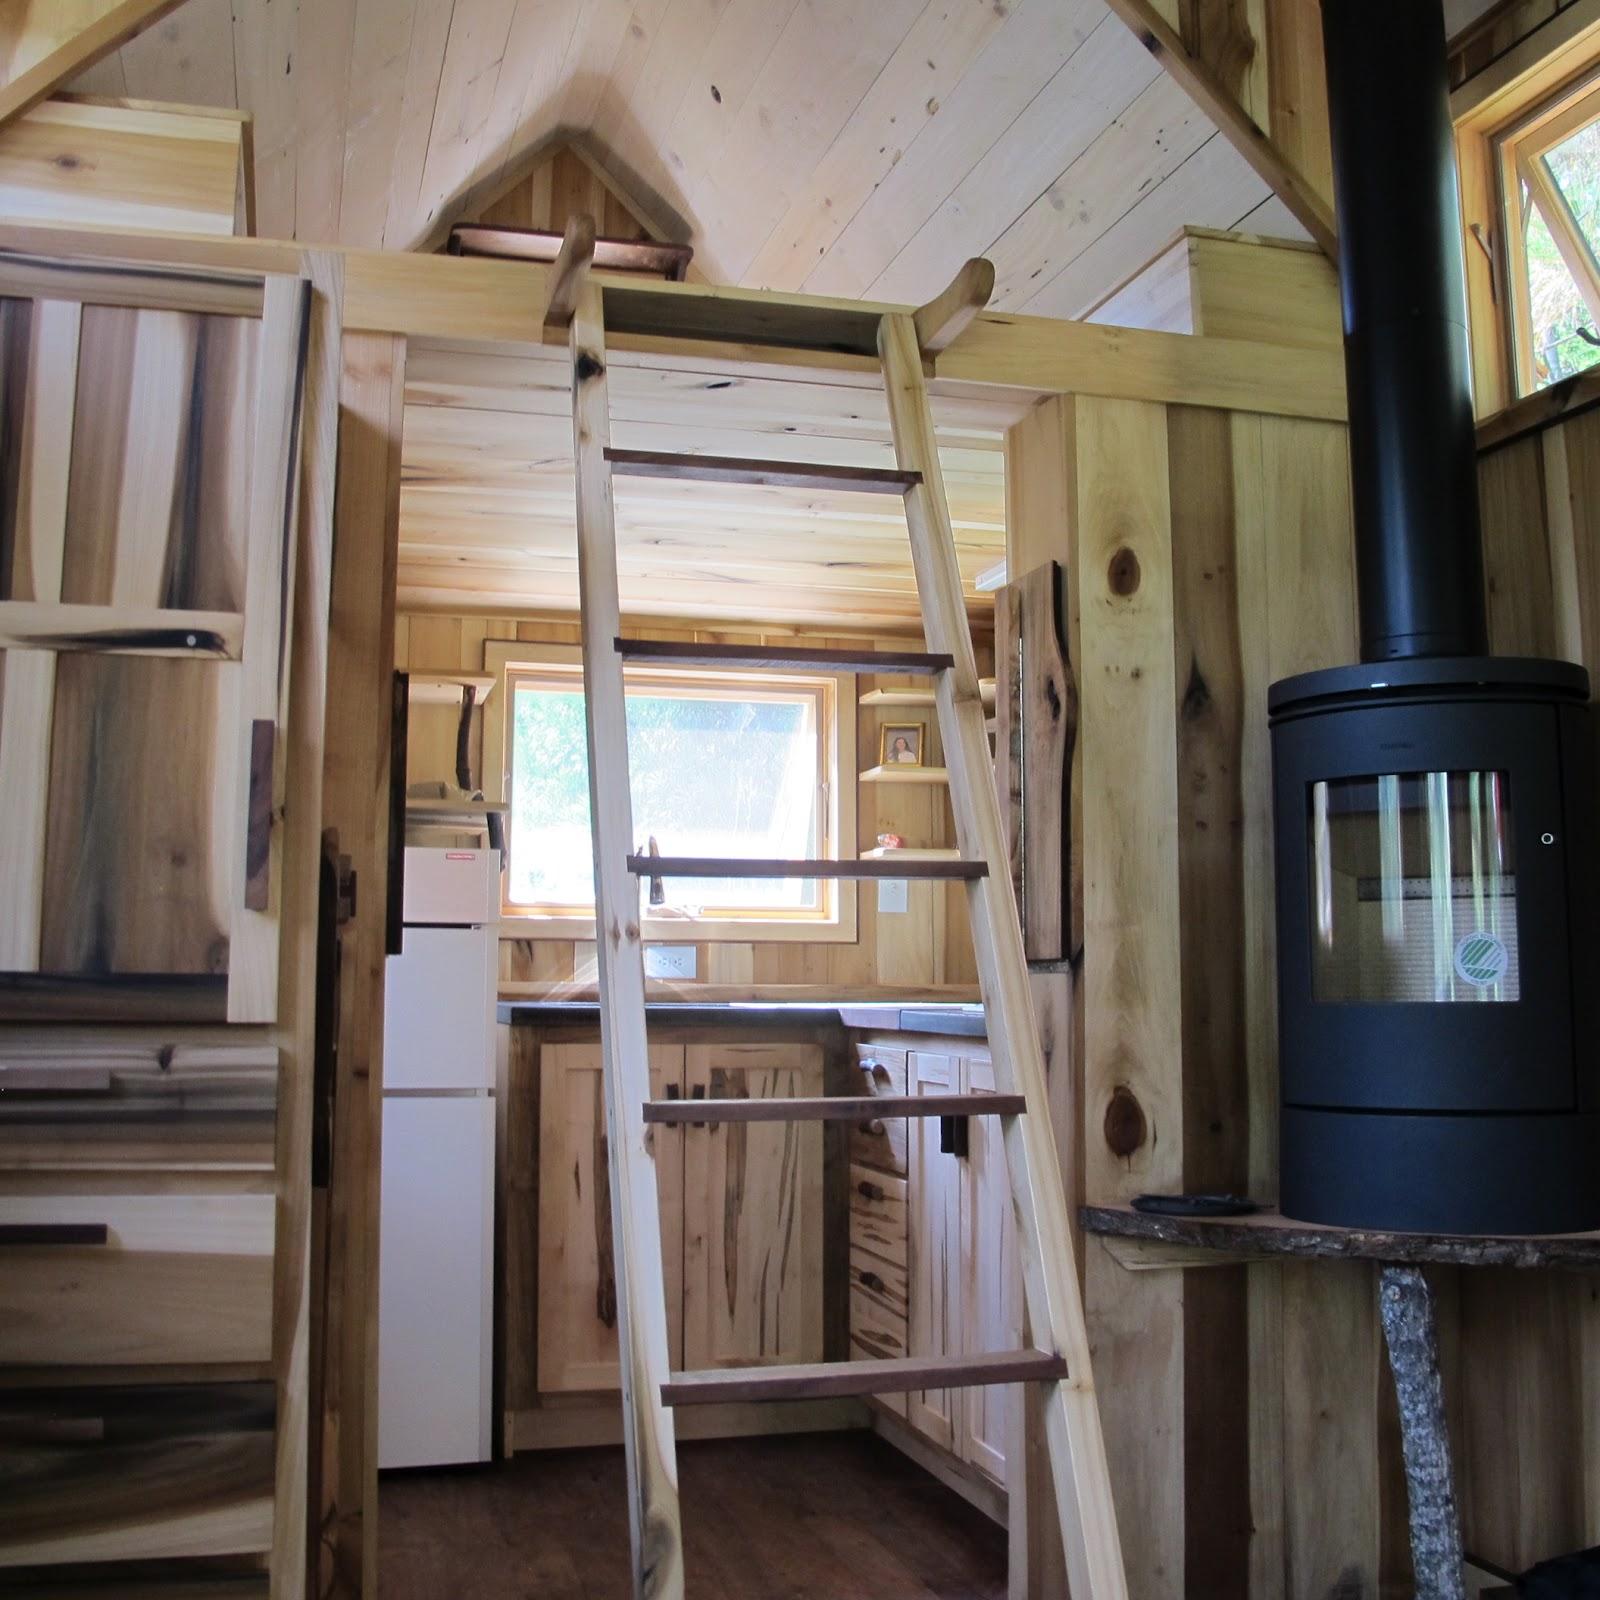 Owl Creek Happenings: Tumbleweed Traveling